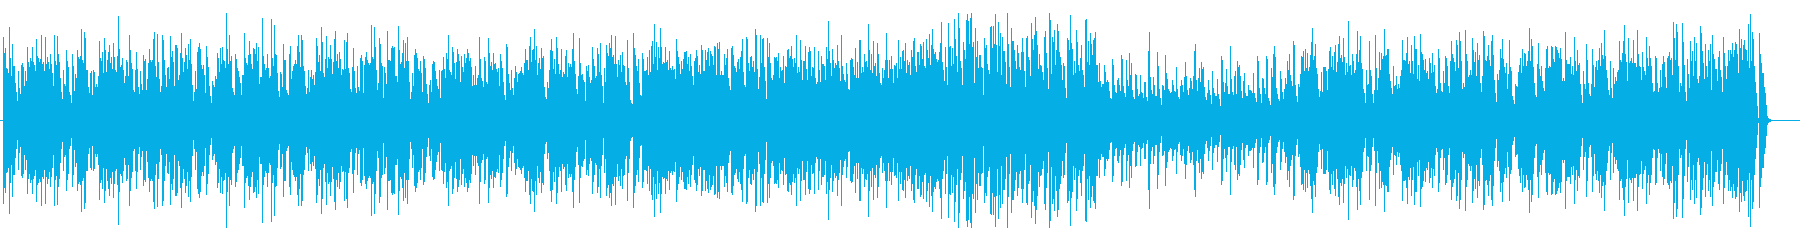 ピアノとベースのデュオの軽快なジャズの再生済みの波形